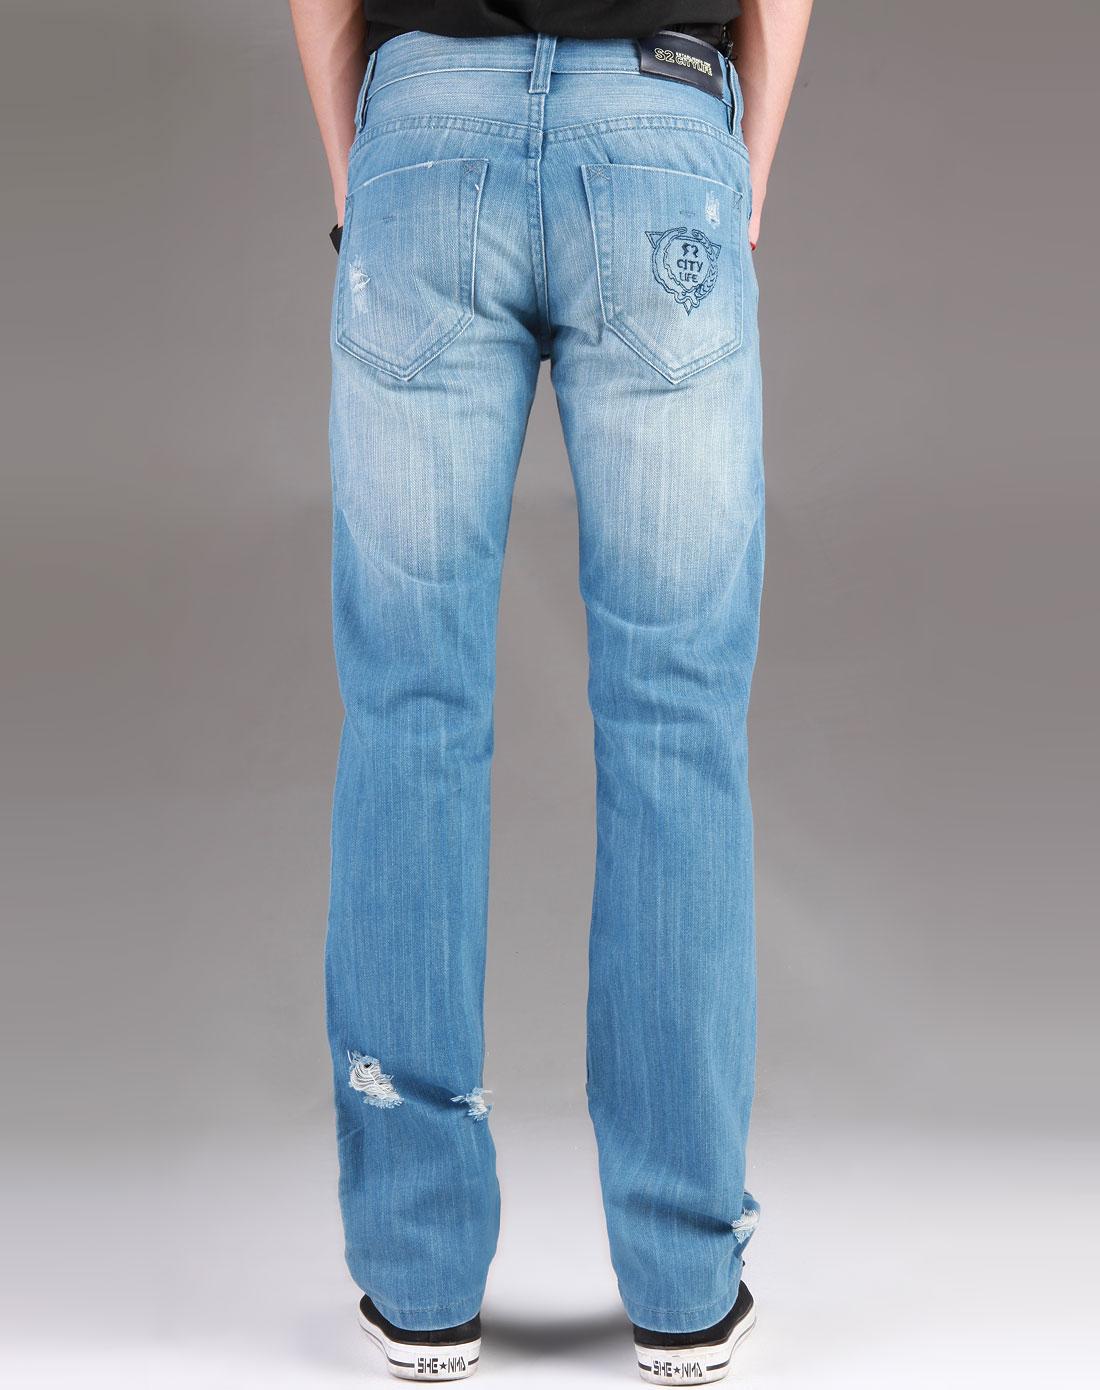 男款蓝色牛仔长裤_s2citylife特价2